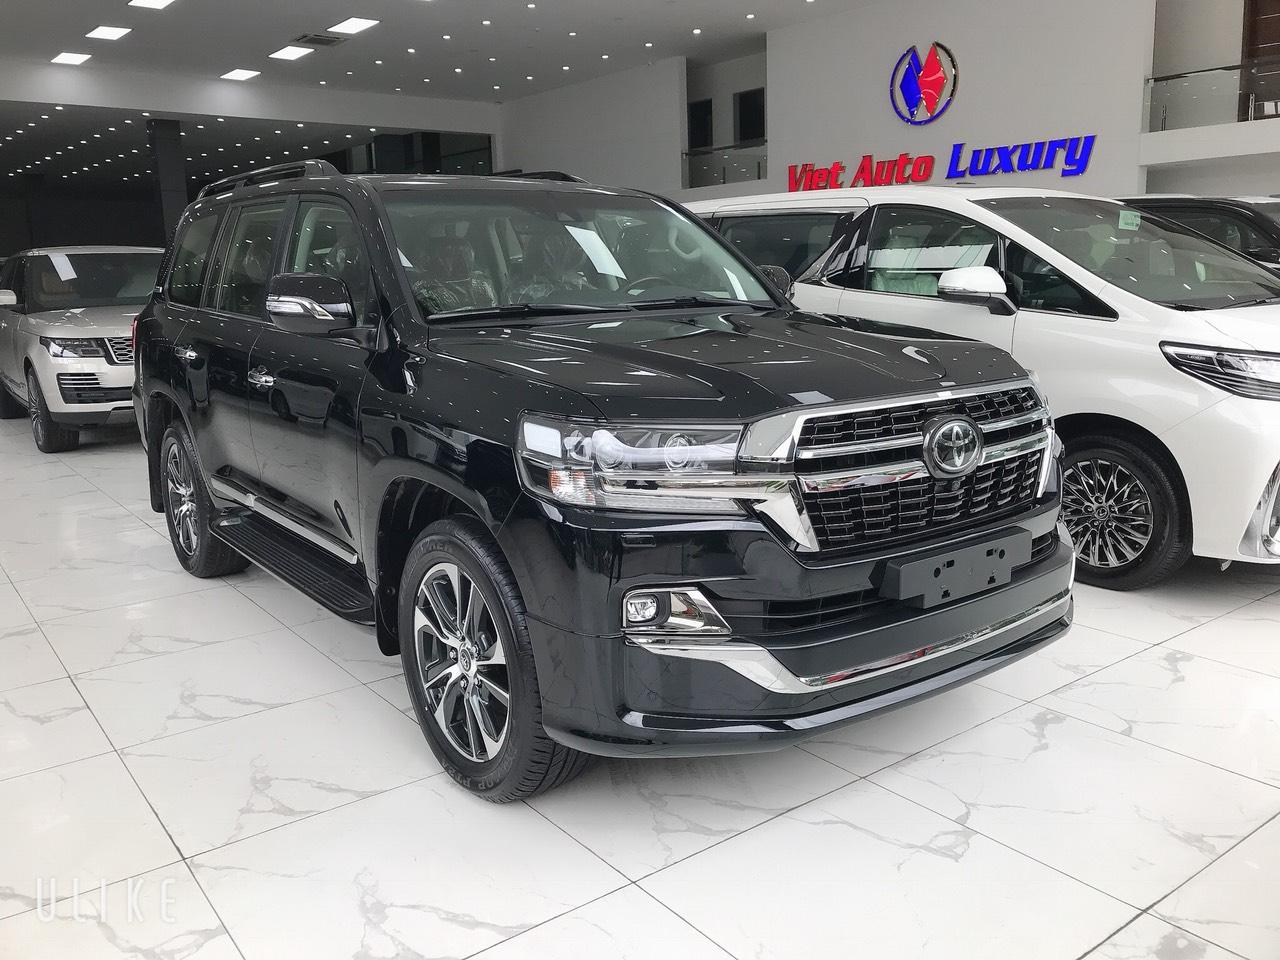 Bán Toyota Land Cruiser 4.5V8 máy dầu 2021, màu đen nhập mới